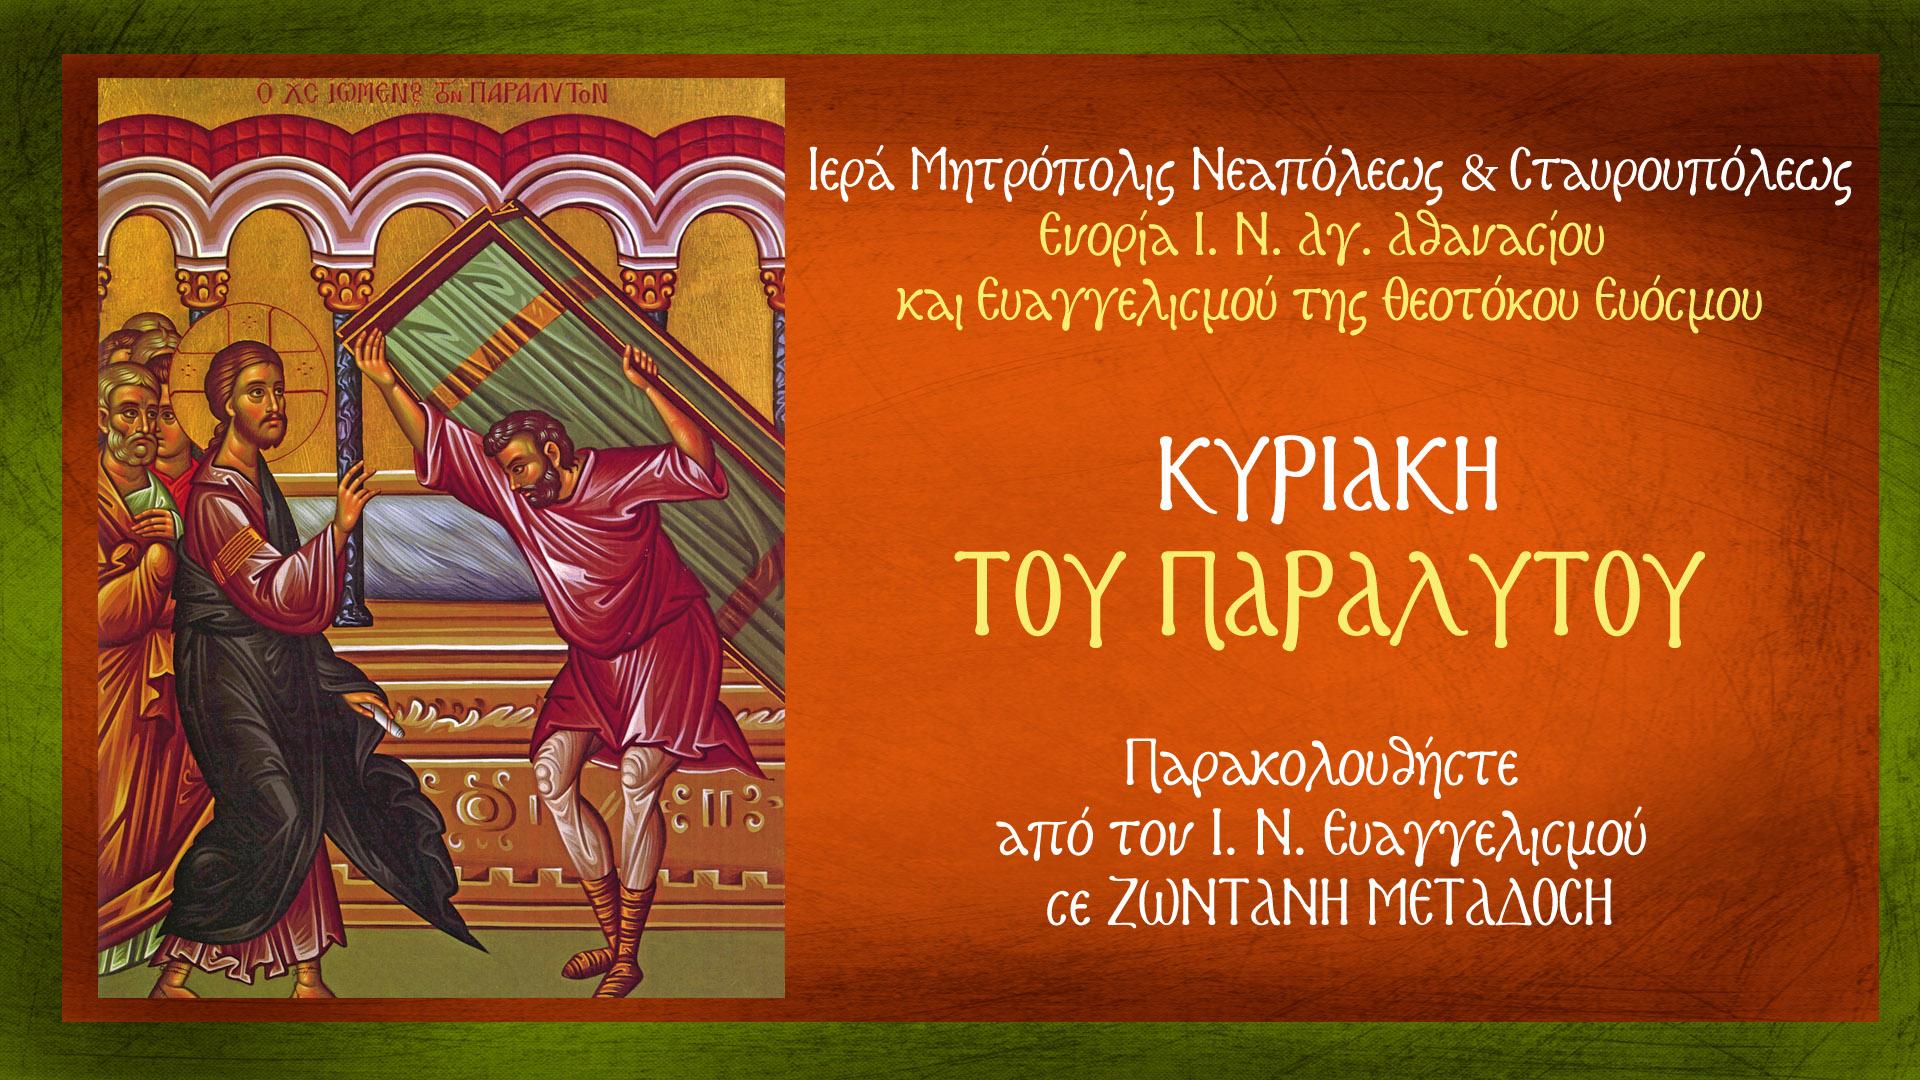 Κυριακή του Παραλύτου-Θ. Λειτουργία σε Ζωντανή Μετάδοση από τον Ι. Ν. Ευαγγελισμού